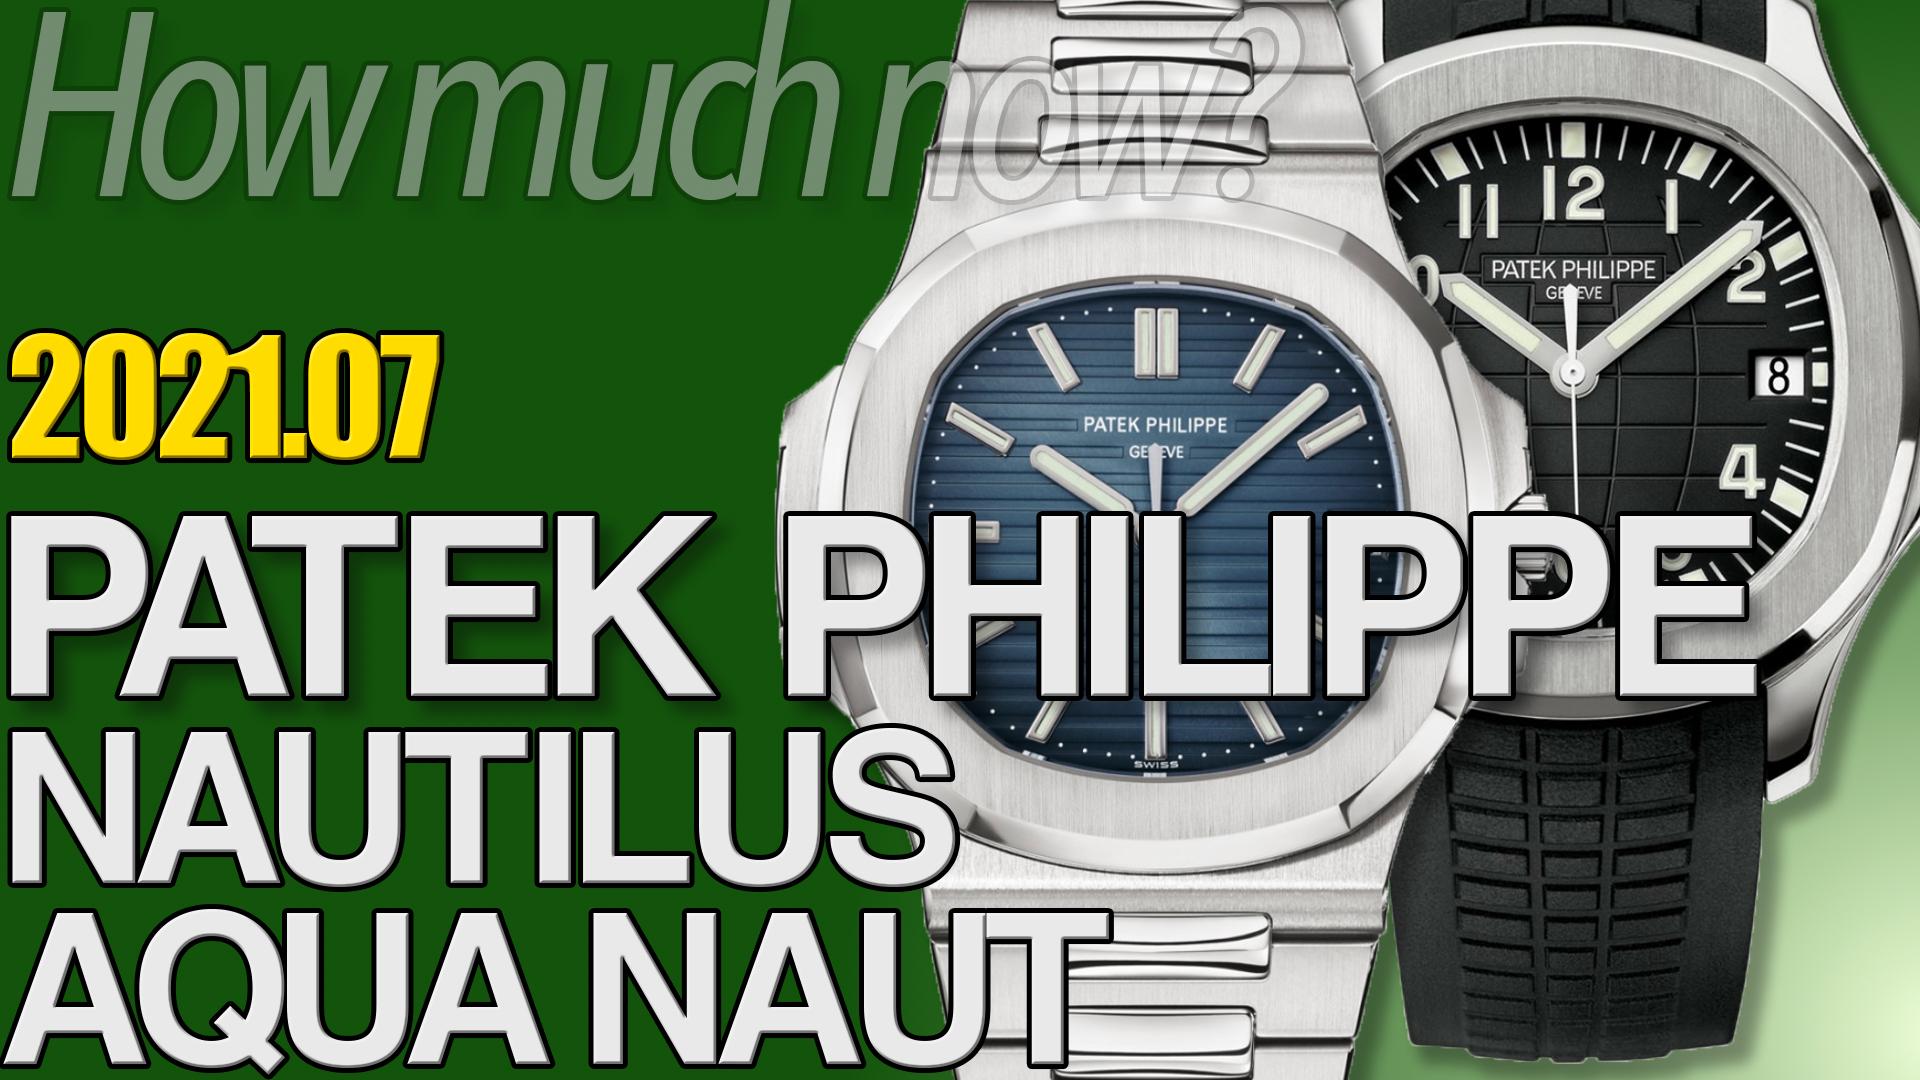 パテック・フィリップ ノーチラス、アクアノート 買取相場まとめ 2021年7月版 |ROLEX時計の価格情報